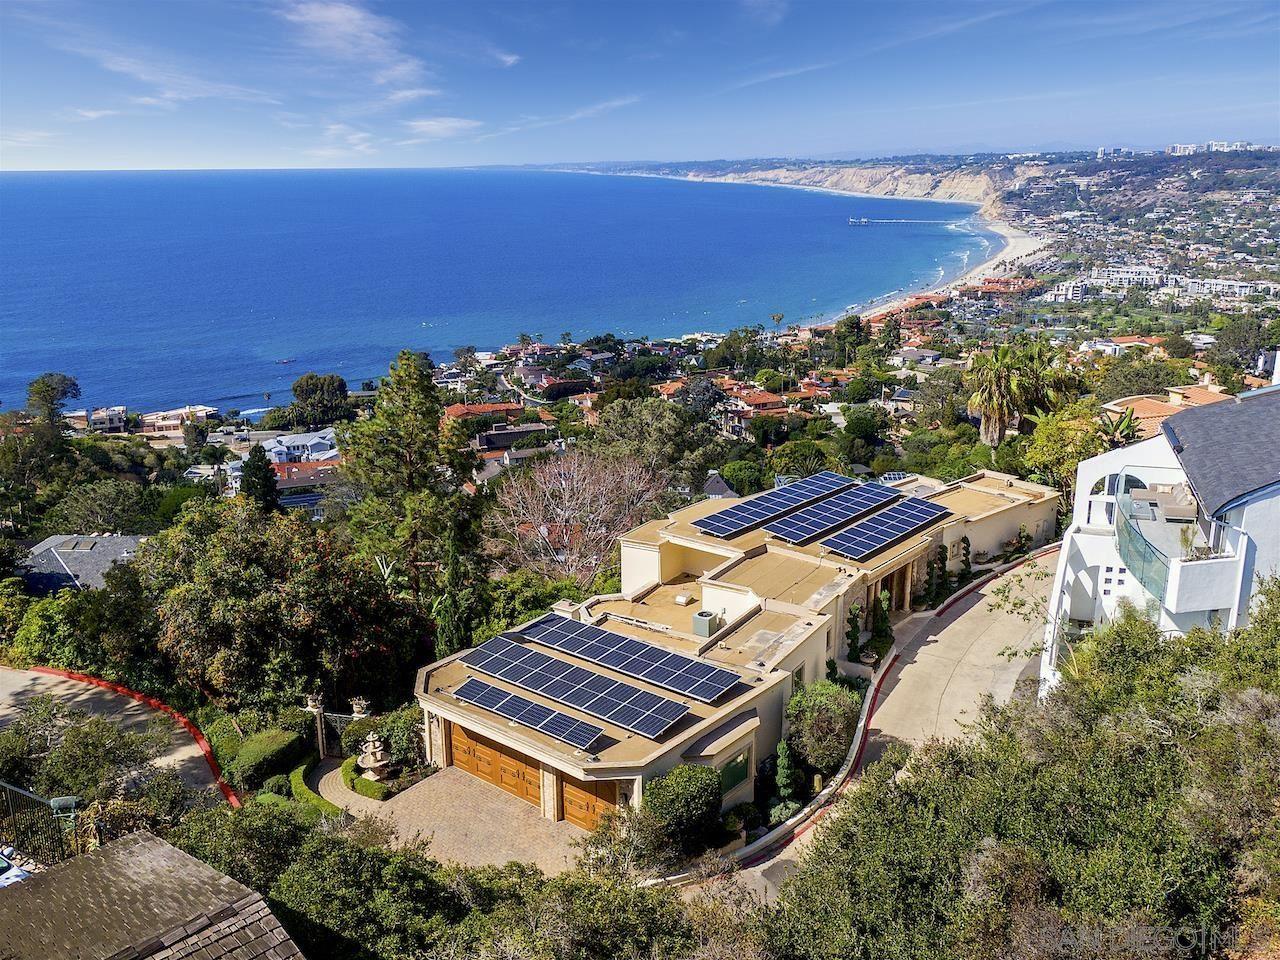 Photo of 1702 Valdes Dr, La Jolla, CA 92037 (MLS # 210026033)